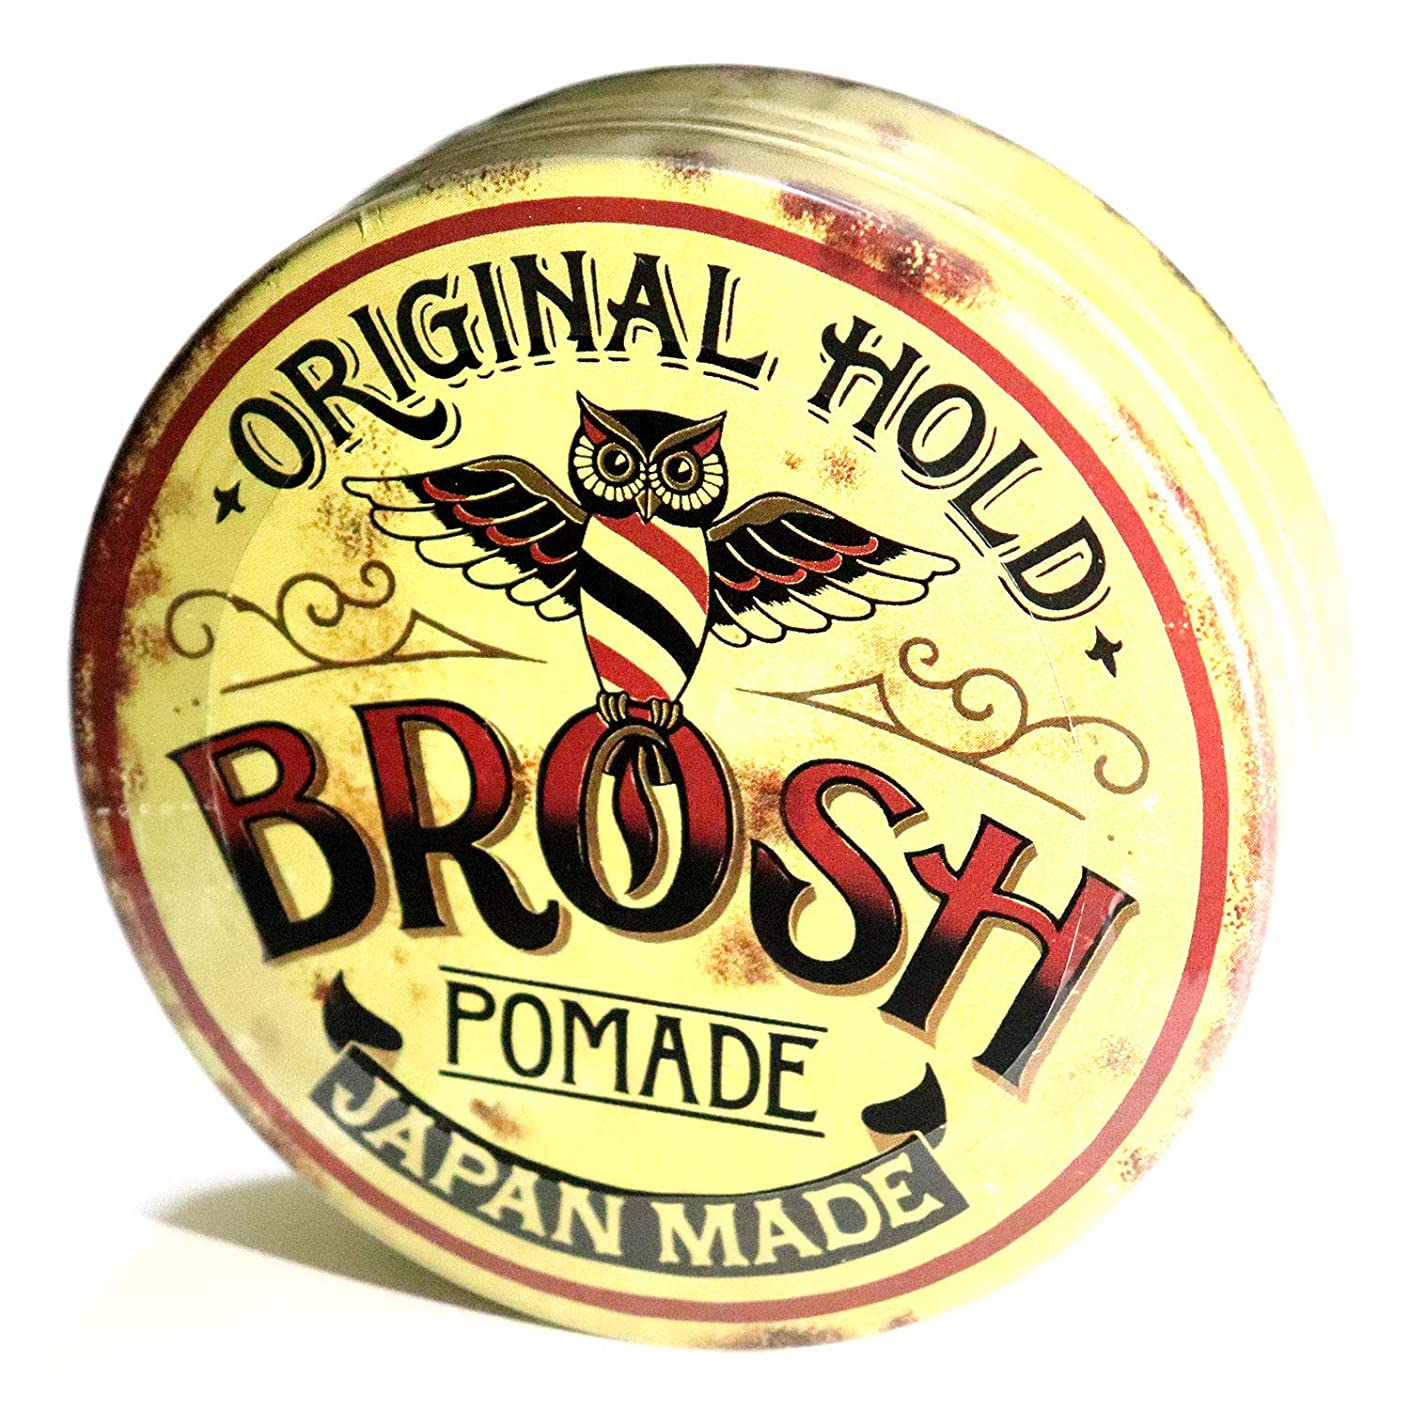 見捨てる成り立つ関係ないBROSH (ブロッシュ) BROSH POMADE ORIGINAL HOLD 115g 水性ポマード 整髪料